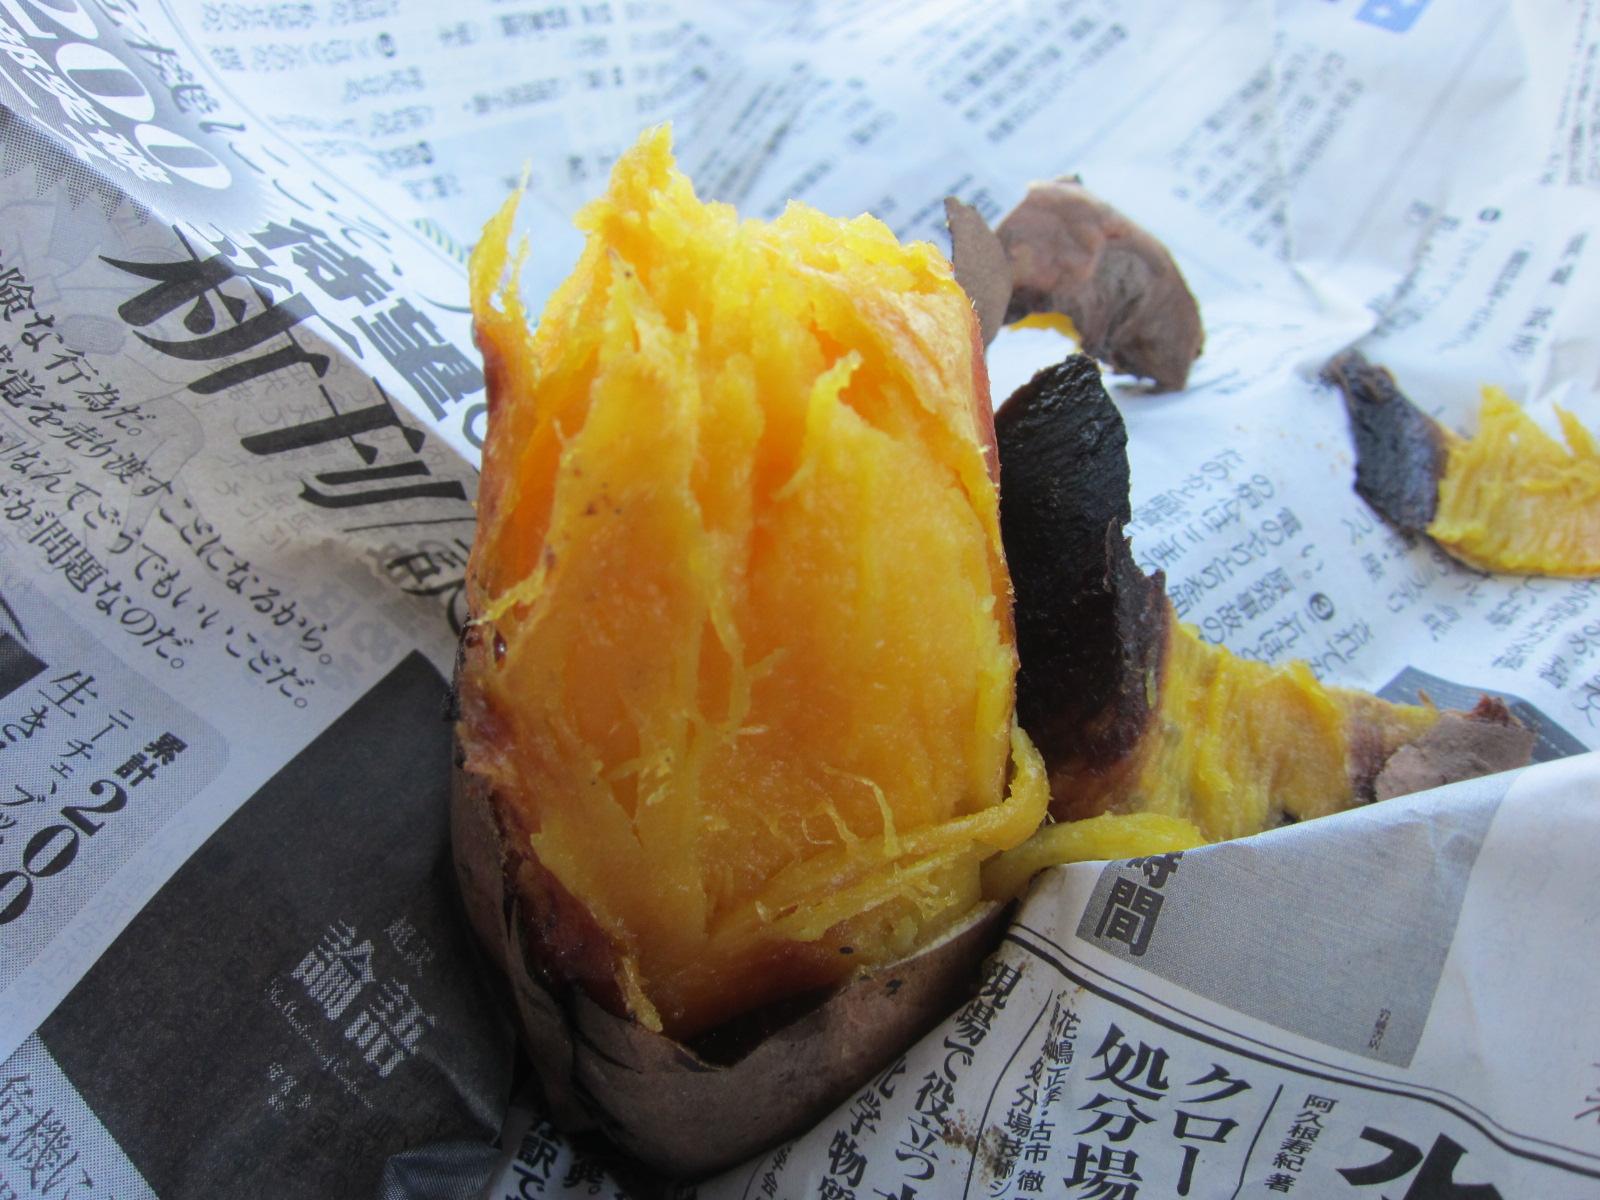 「焼き芋」の画像検索結果